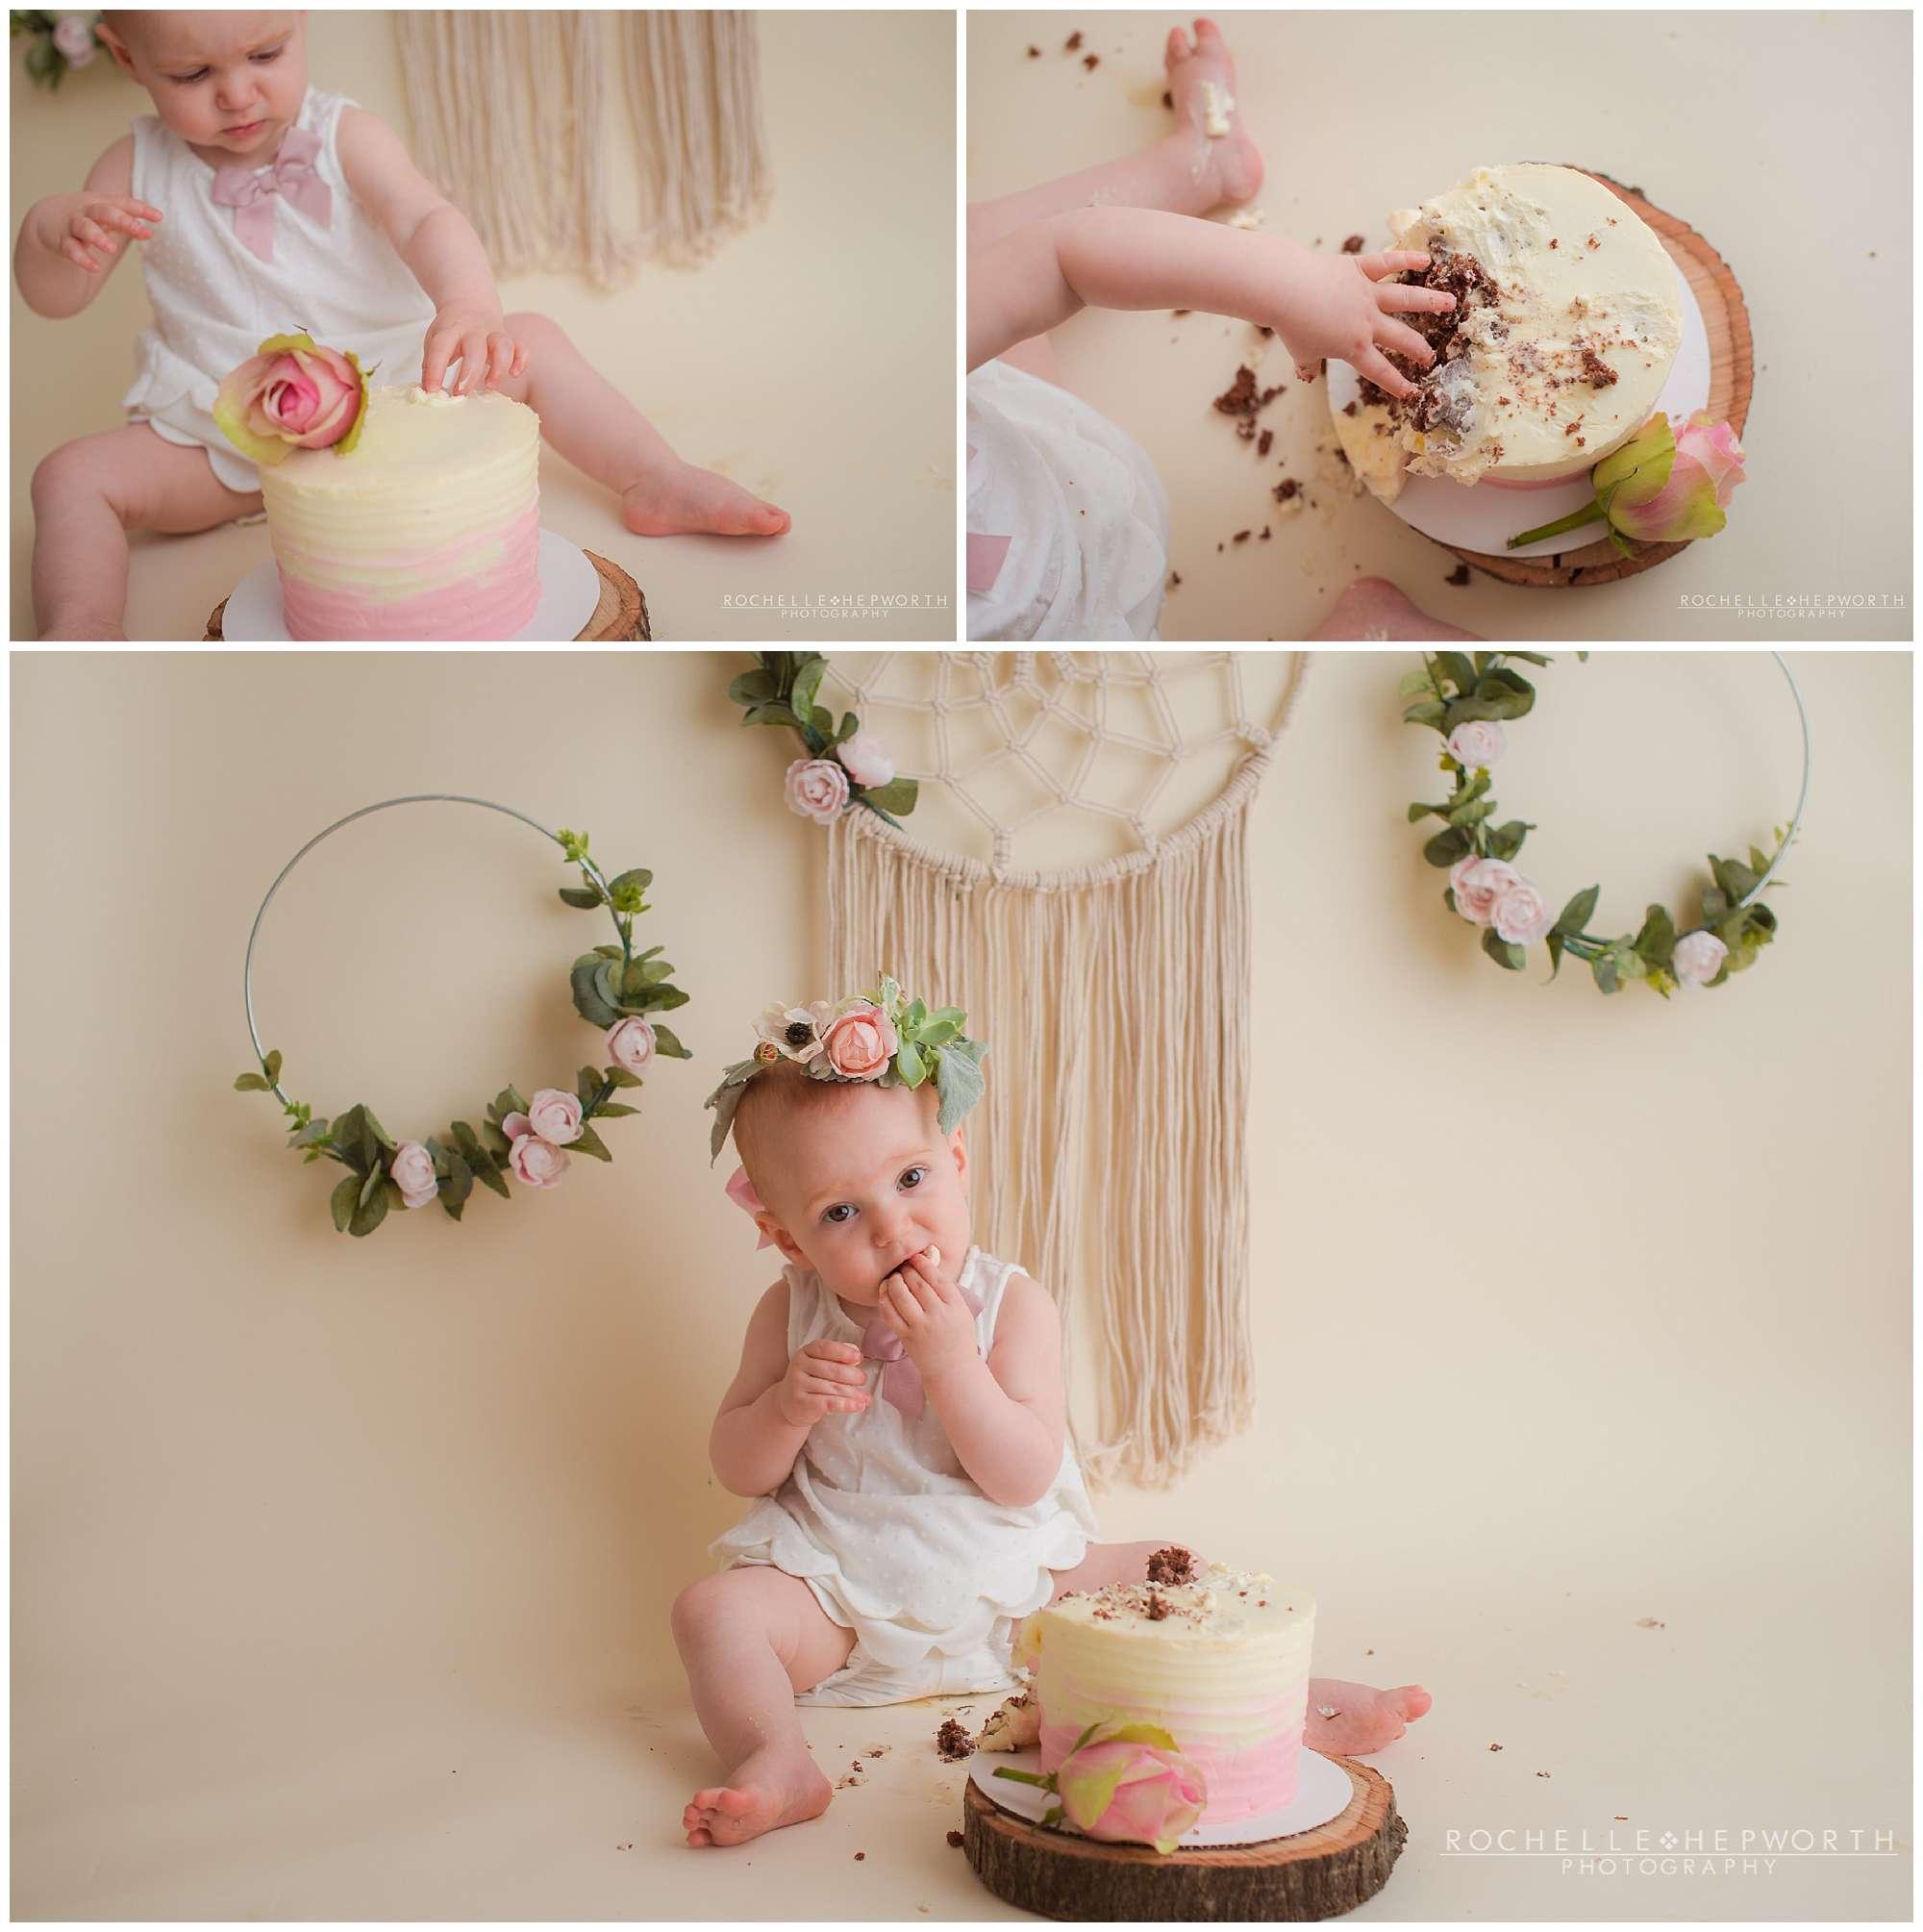 toddler girl eating cake during boho cake smash